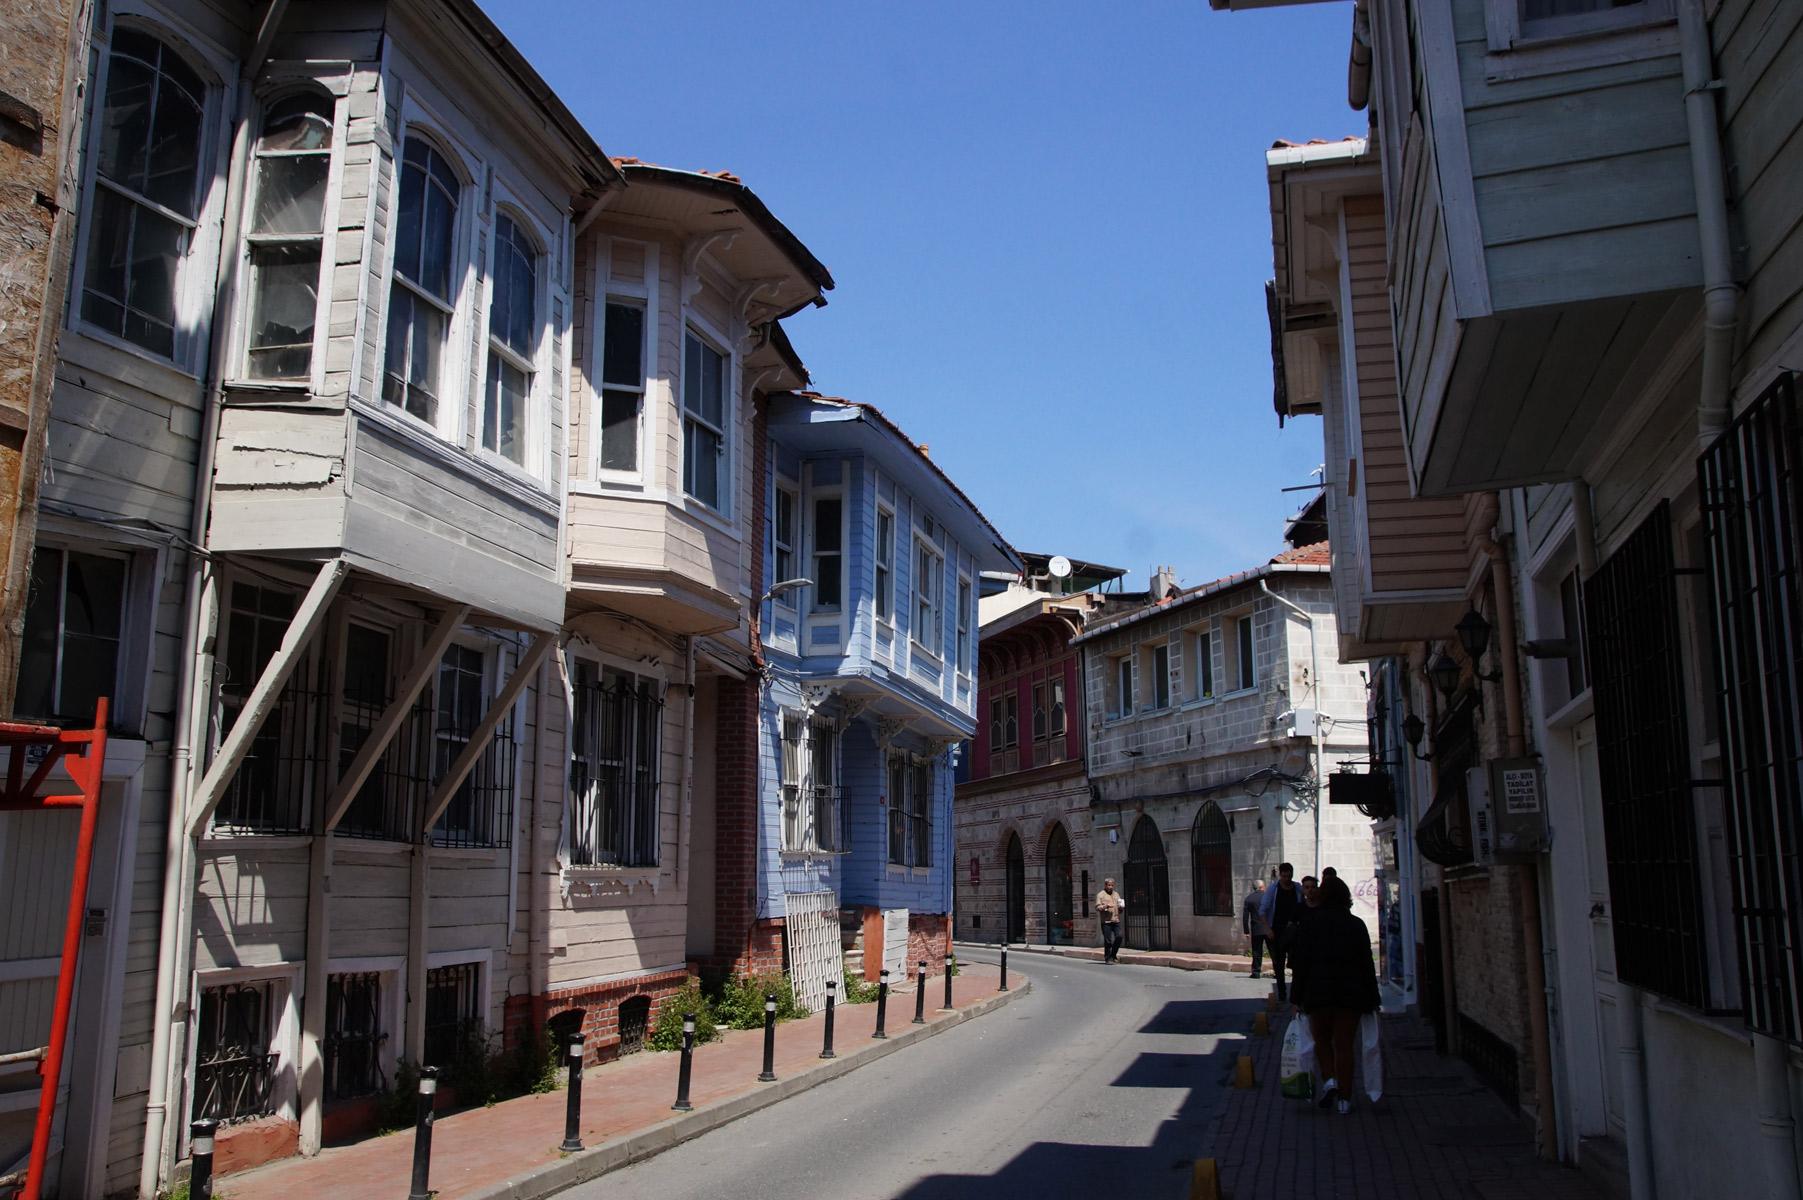 Один домик самобытнее другого. Стамбул, Турция, весна 2019